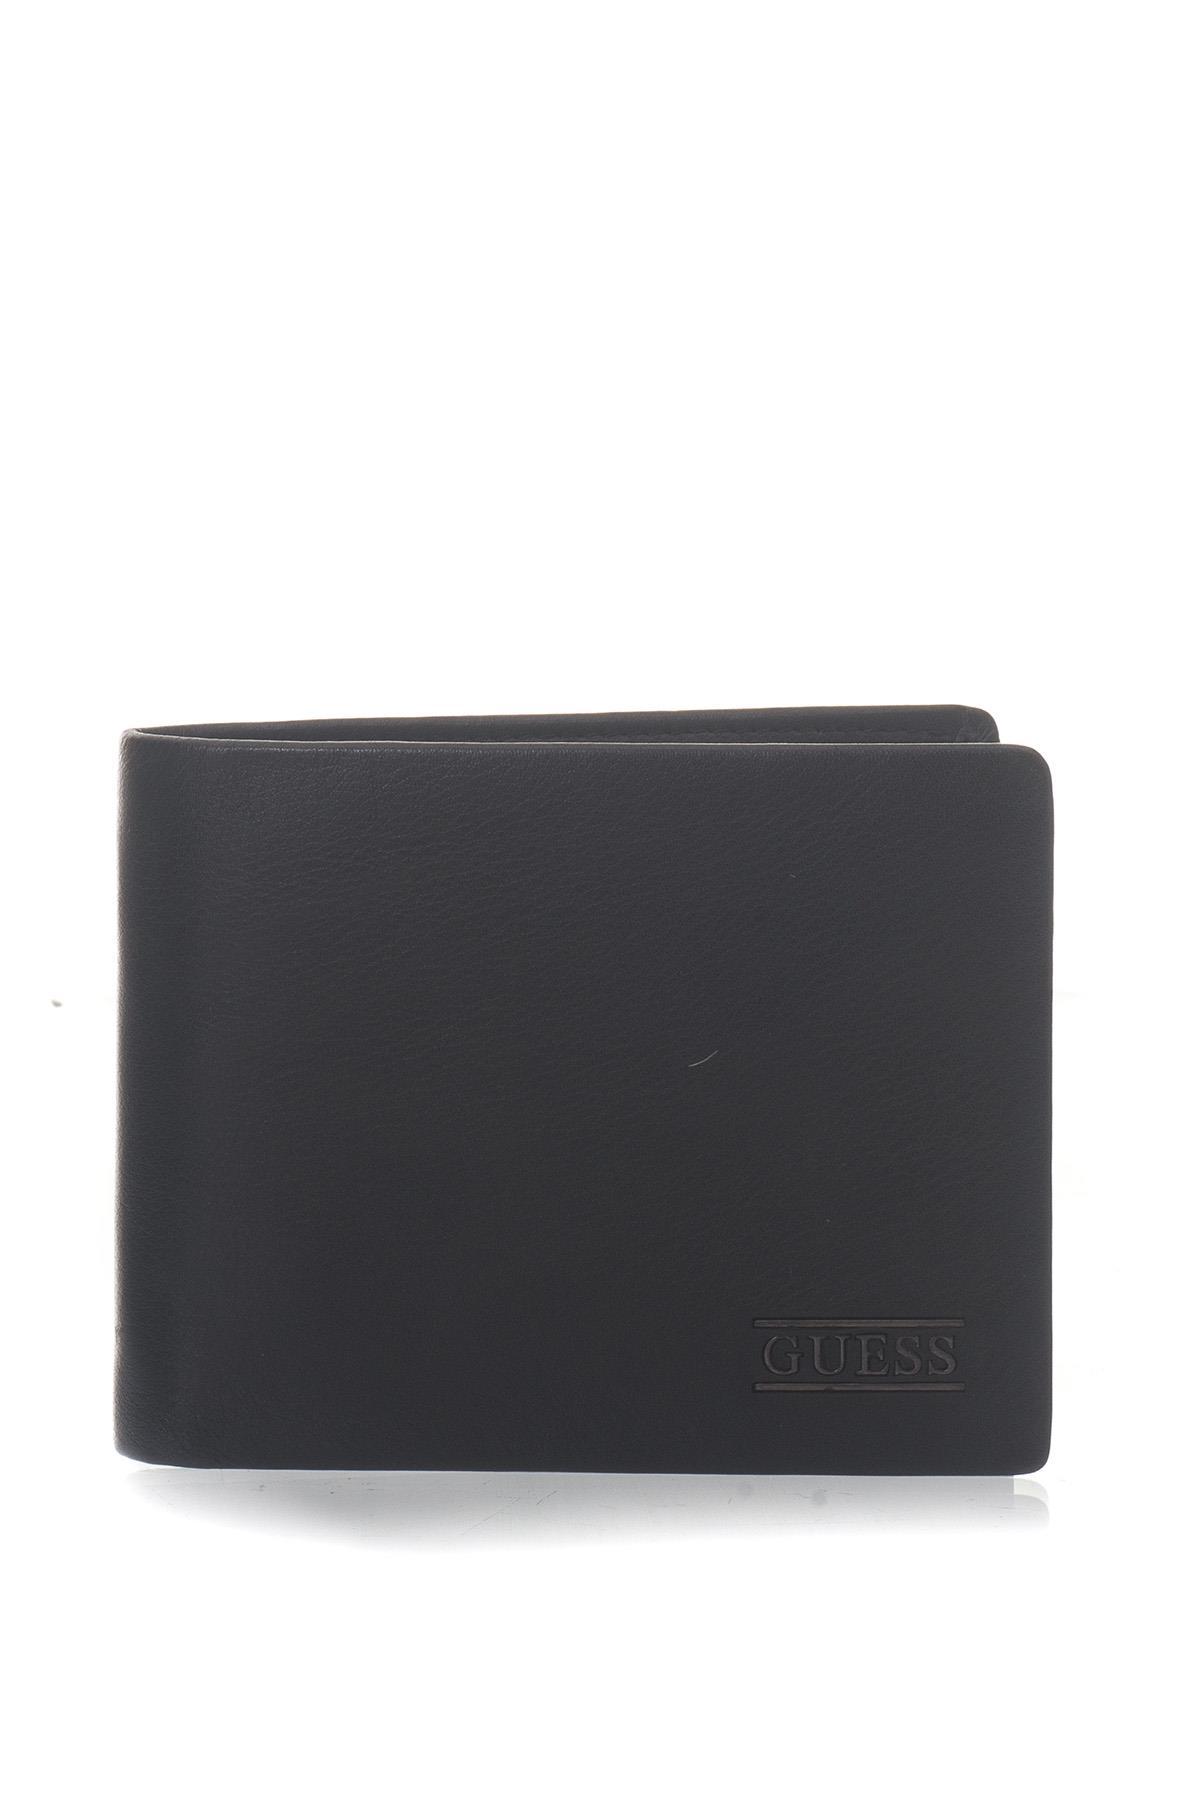 New Boston Wallet - Guess - ScaglioneIschia dfc5ff1b8e